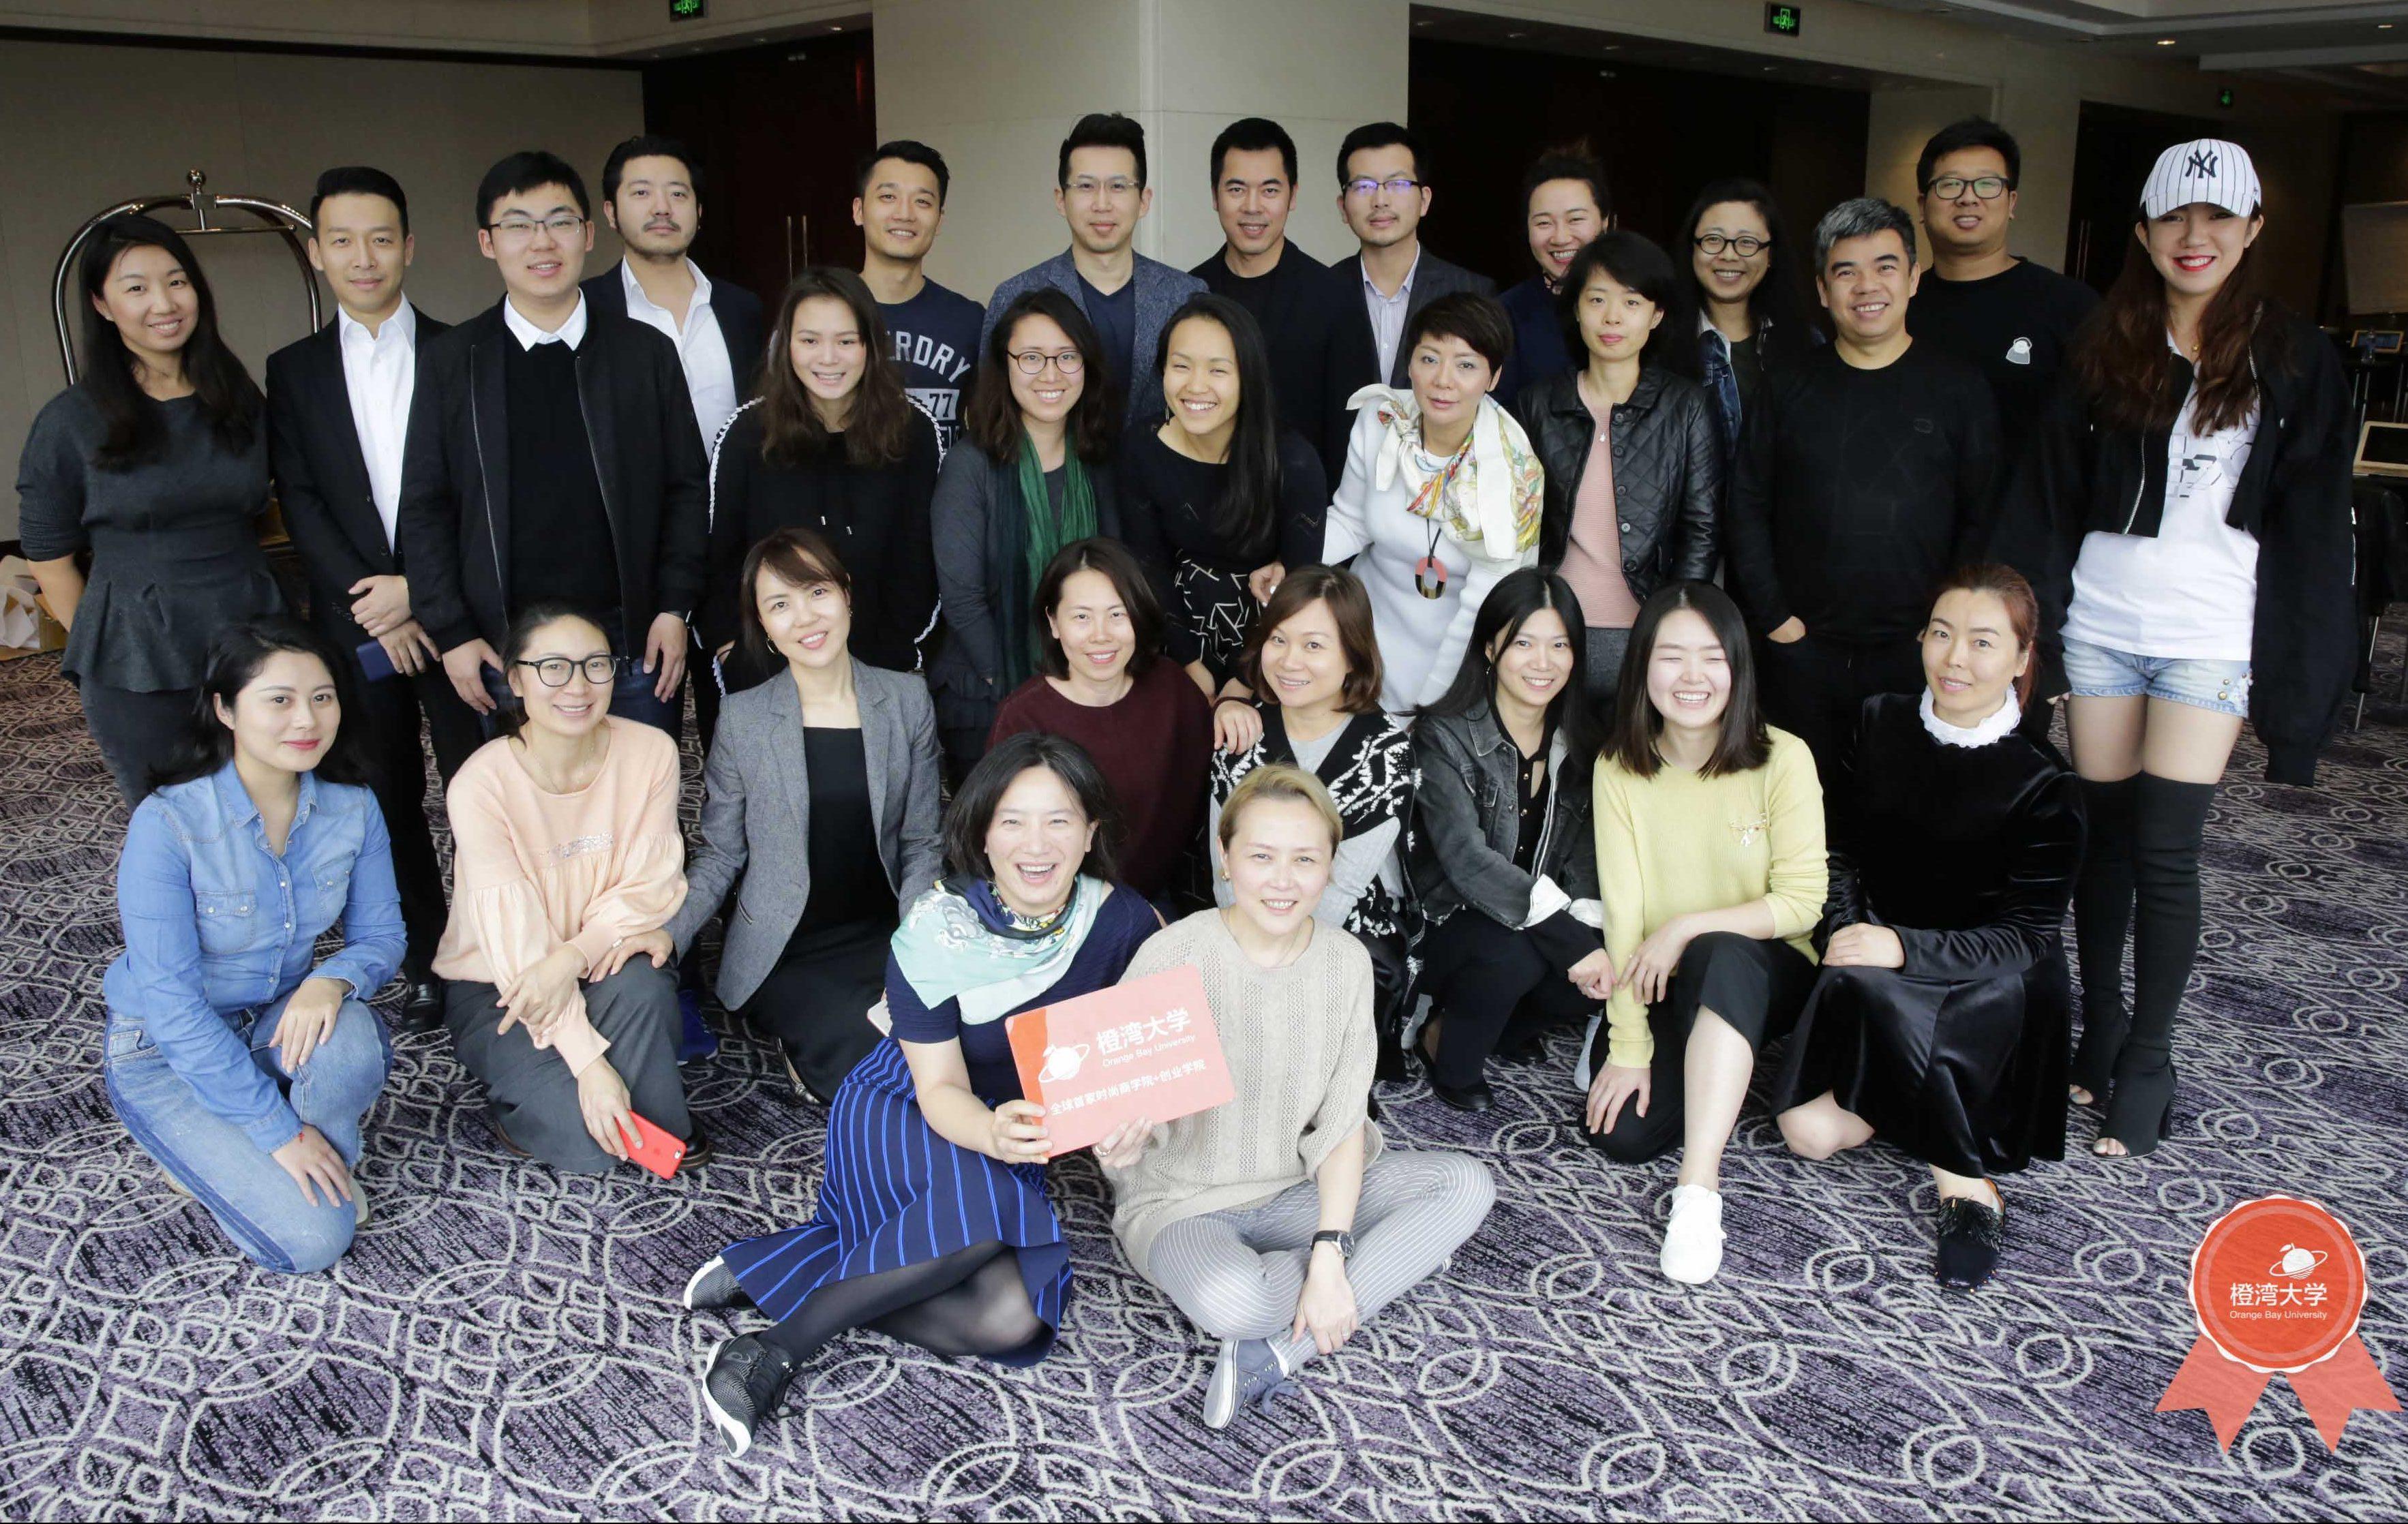 图文实录:橙湾大学新一轮课程圆满完成!(10月20-22日,上海)